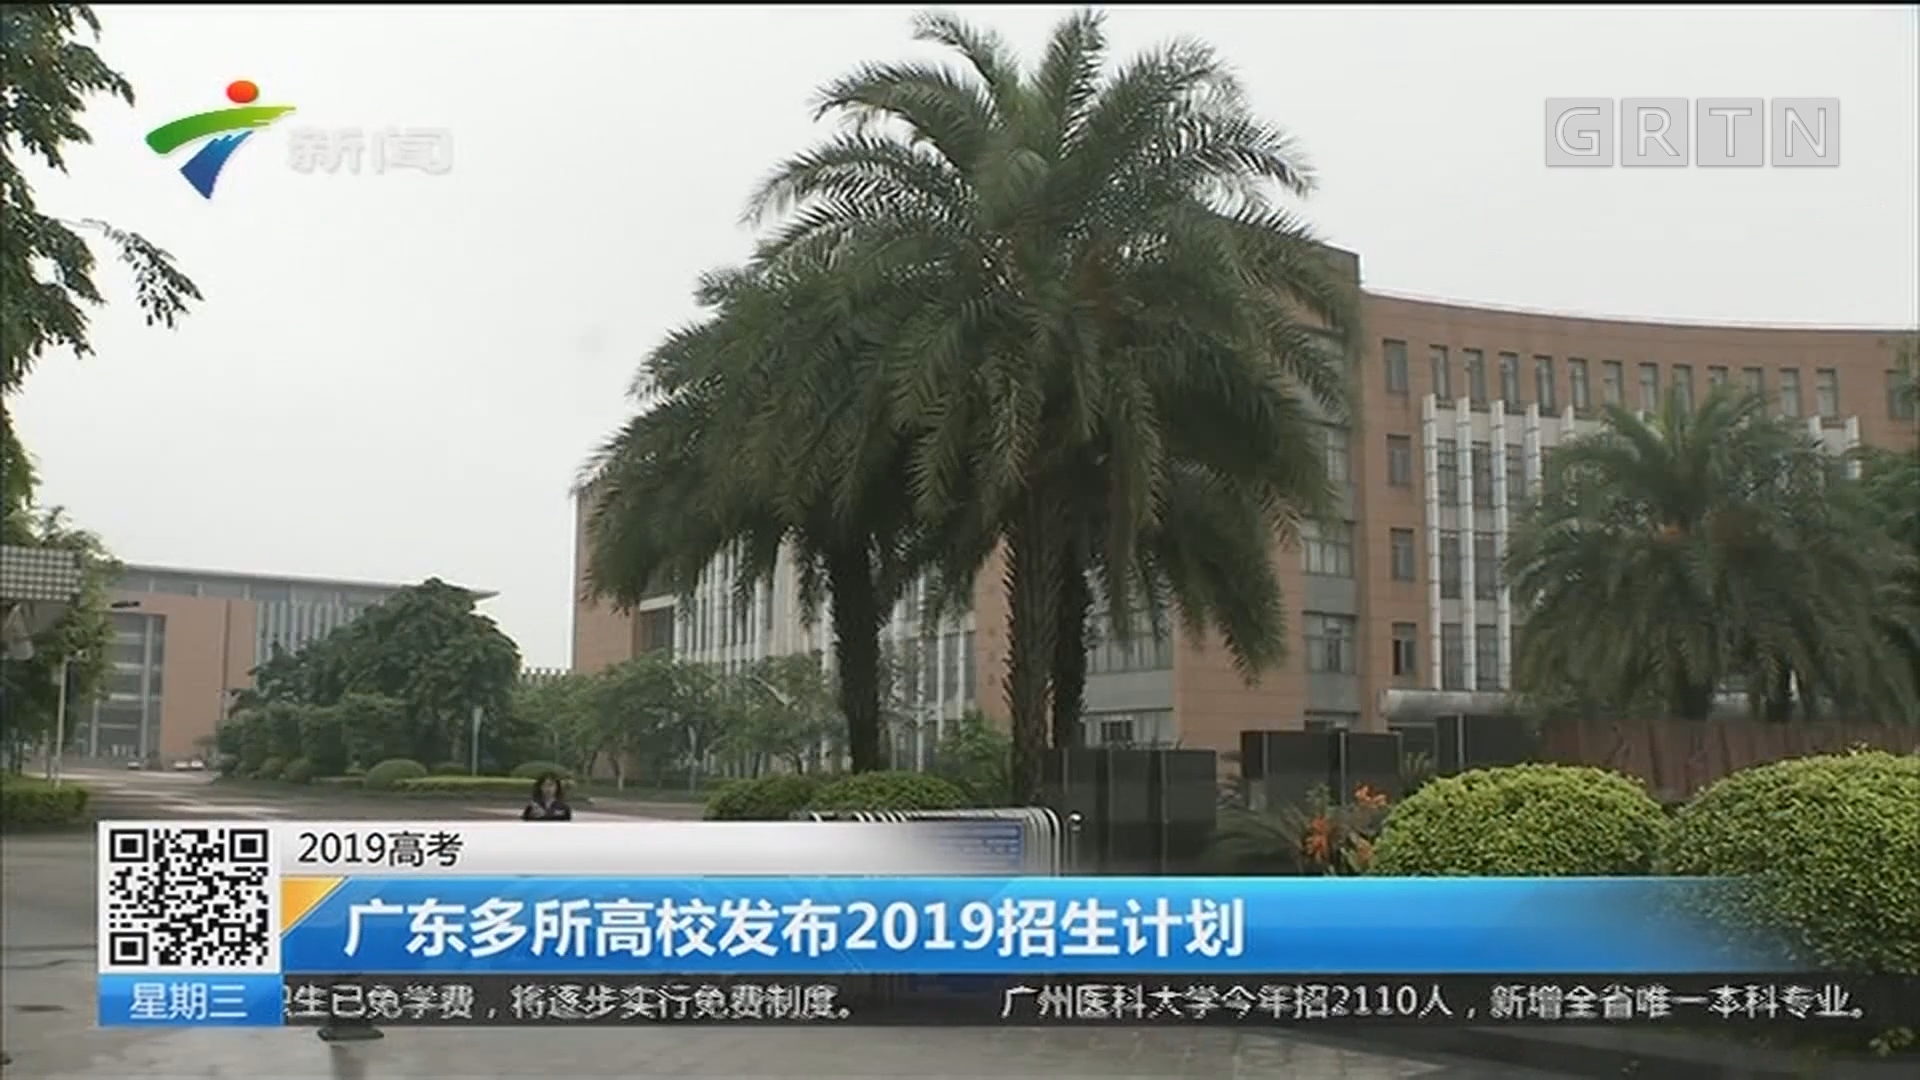 2019高考:广东多所高校发布2019招生计划